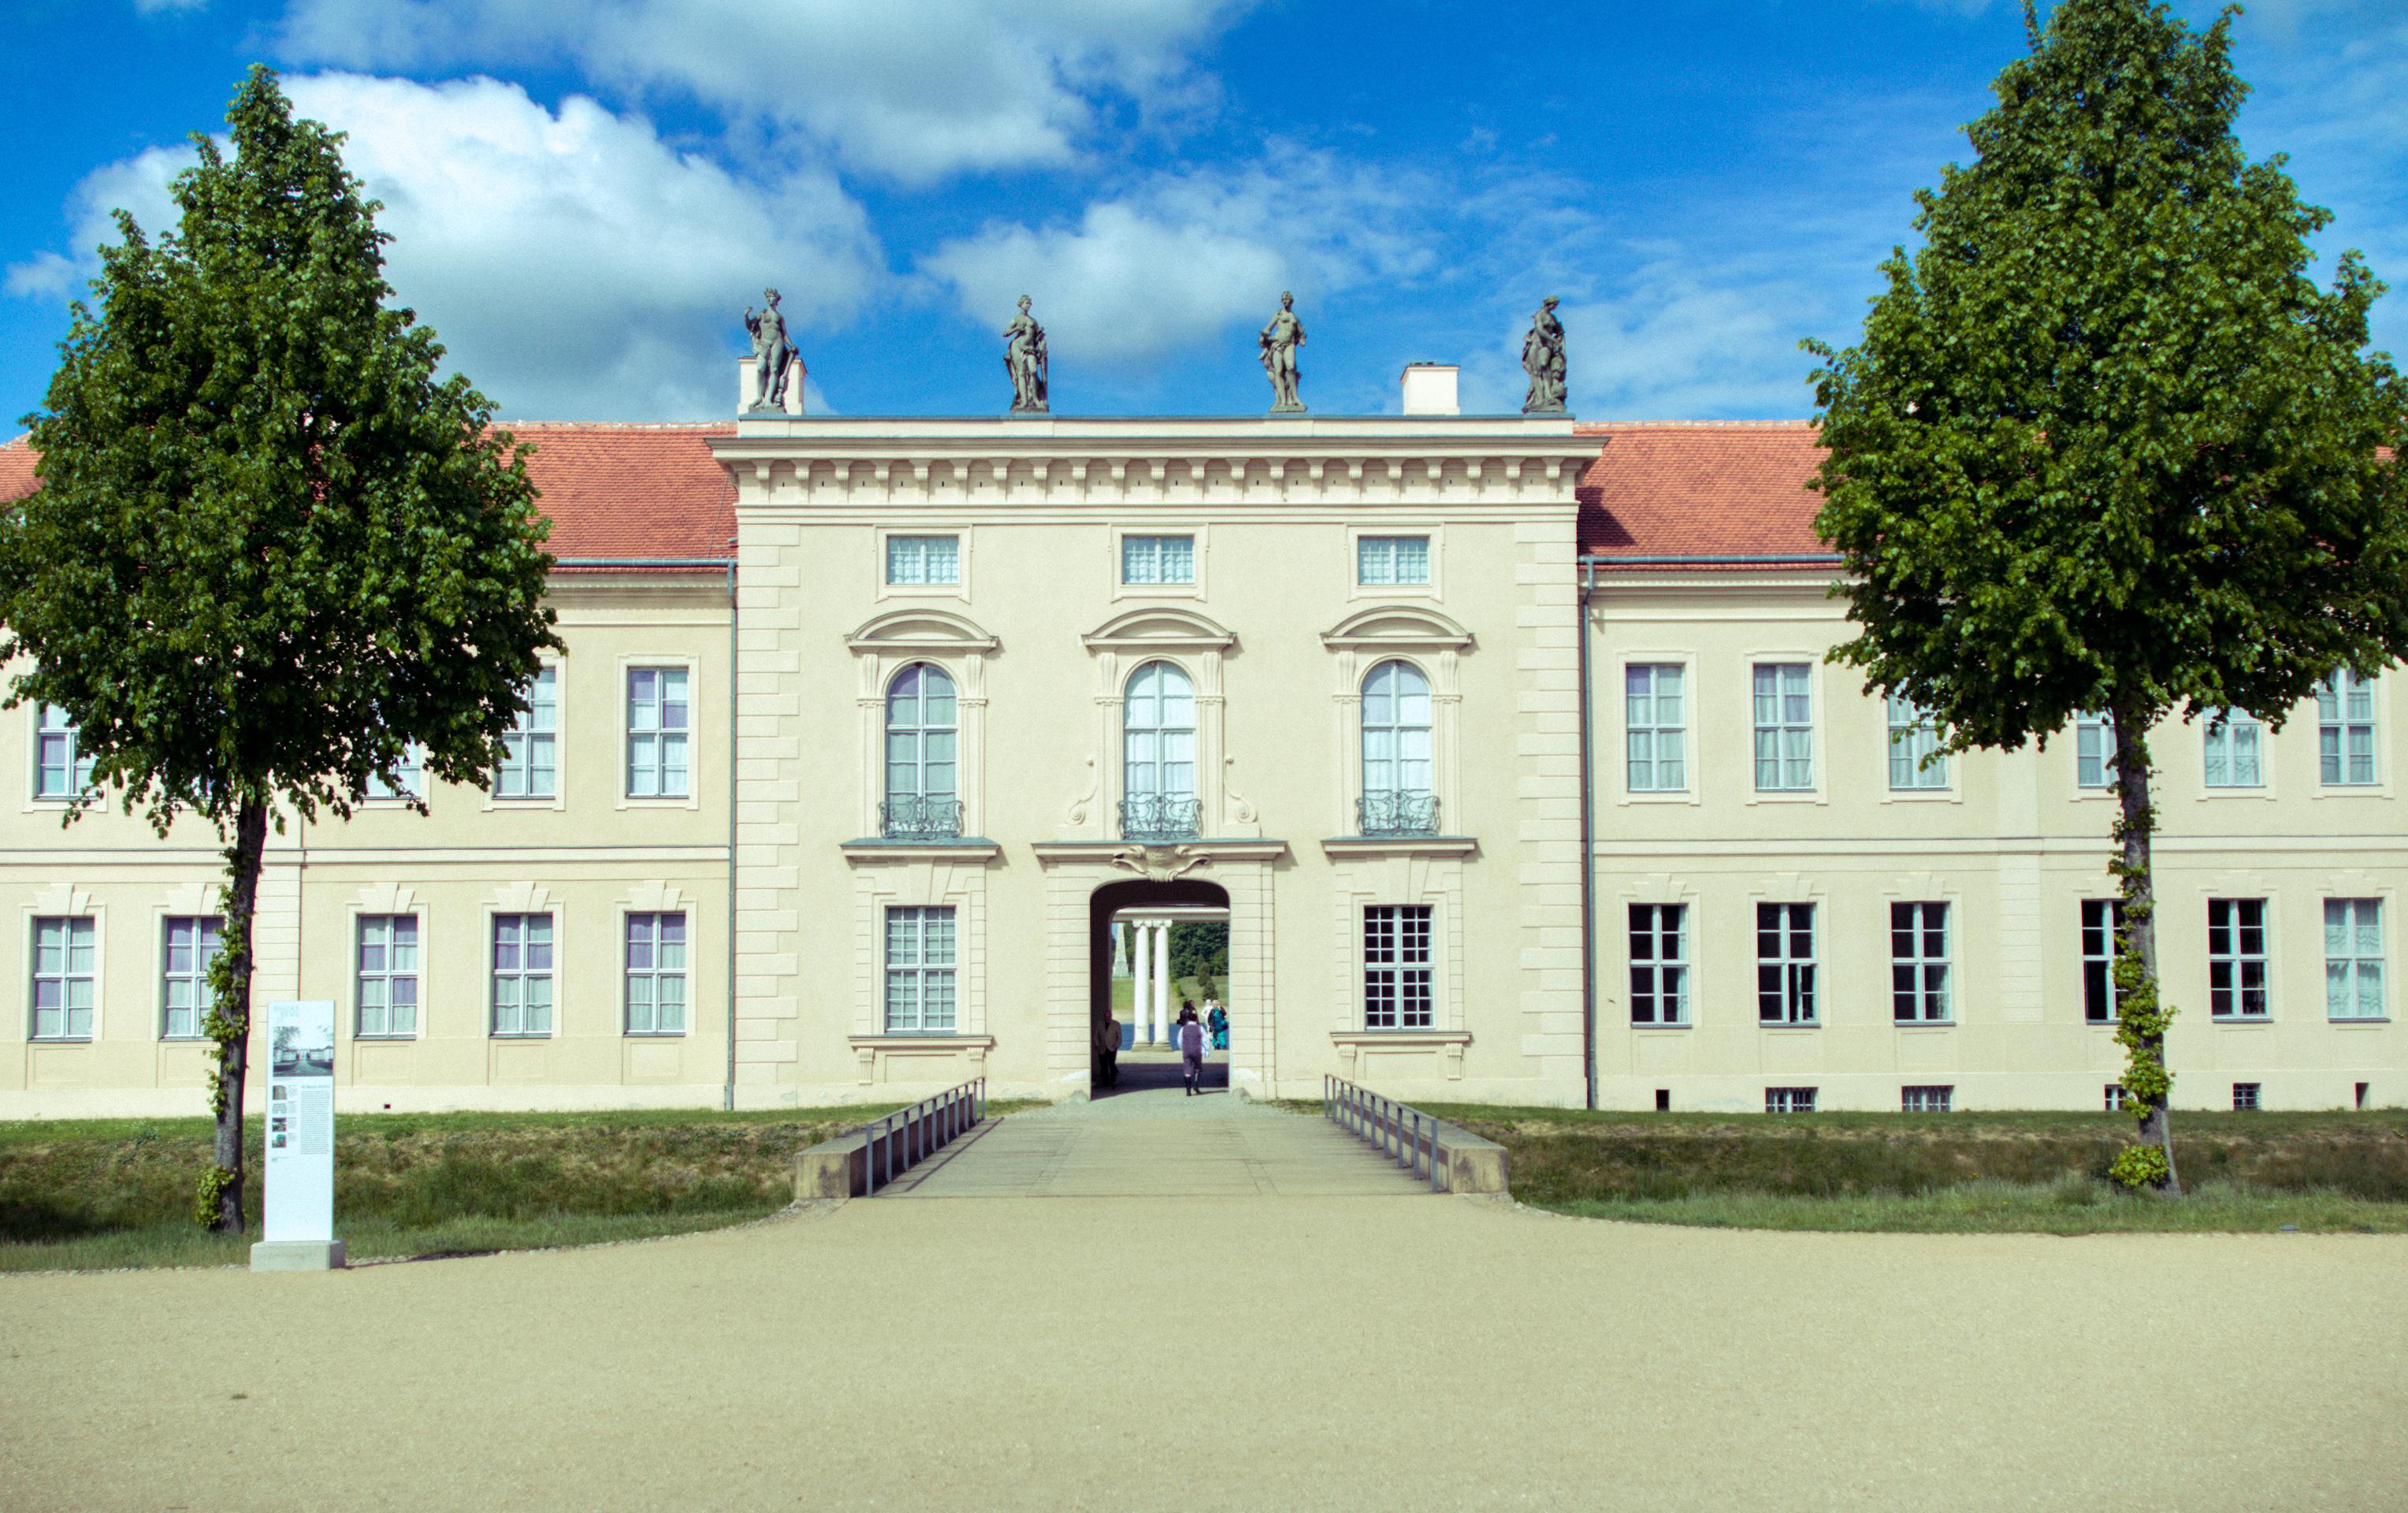 Day Trip from Berlin: Rheinsberg's Castle